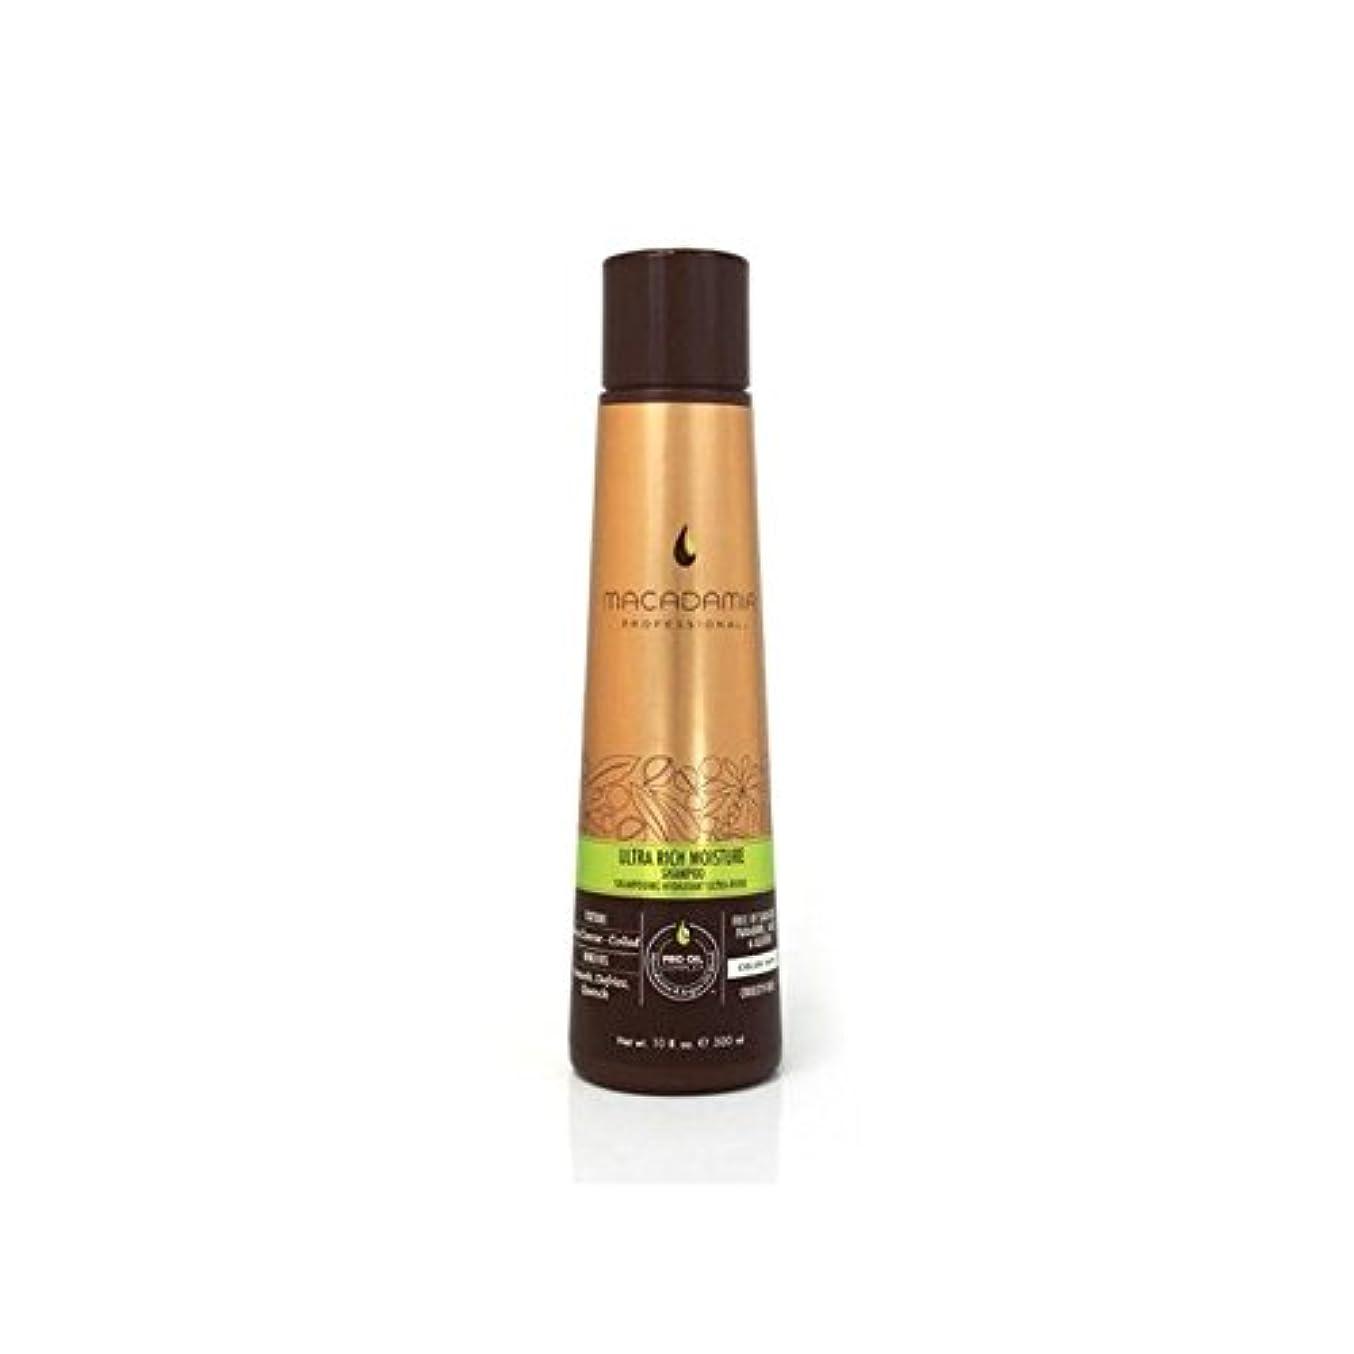 公爵代名詞詐欺Macadamia Ultra Rich Moisture Shampoo (300ml) (Pack of 6) - マカダミア超豊富な水分シャンプー(300ミリリットル) x6 [並行輸入品]